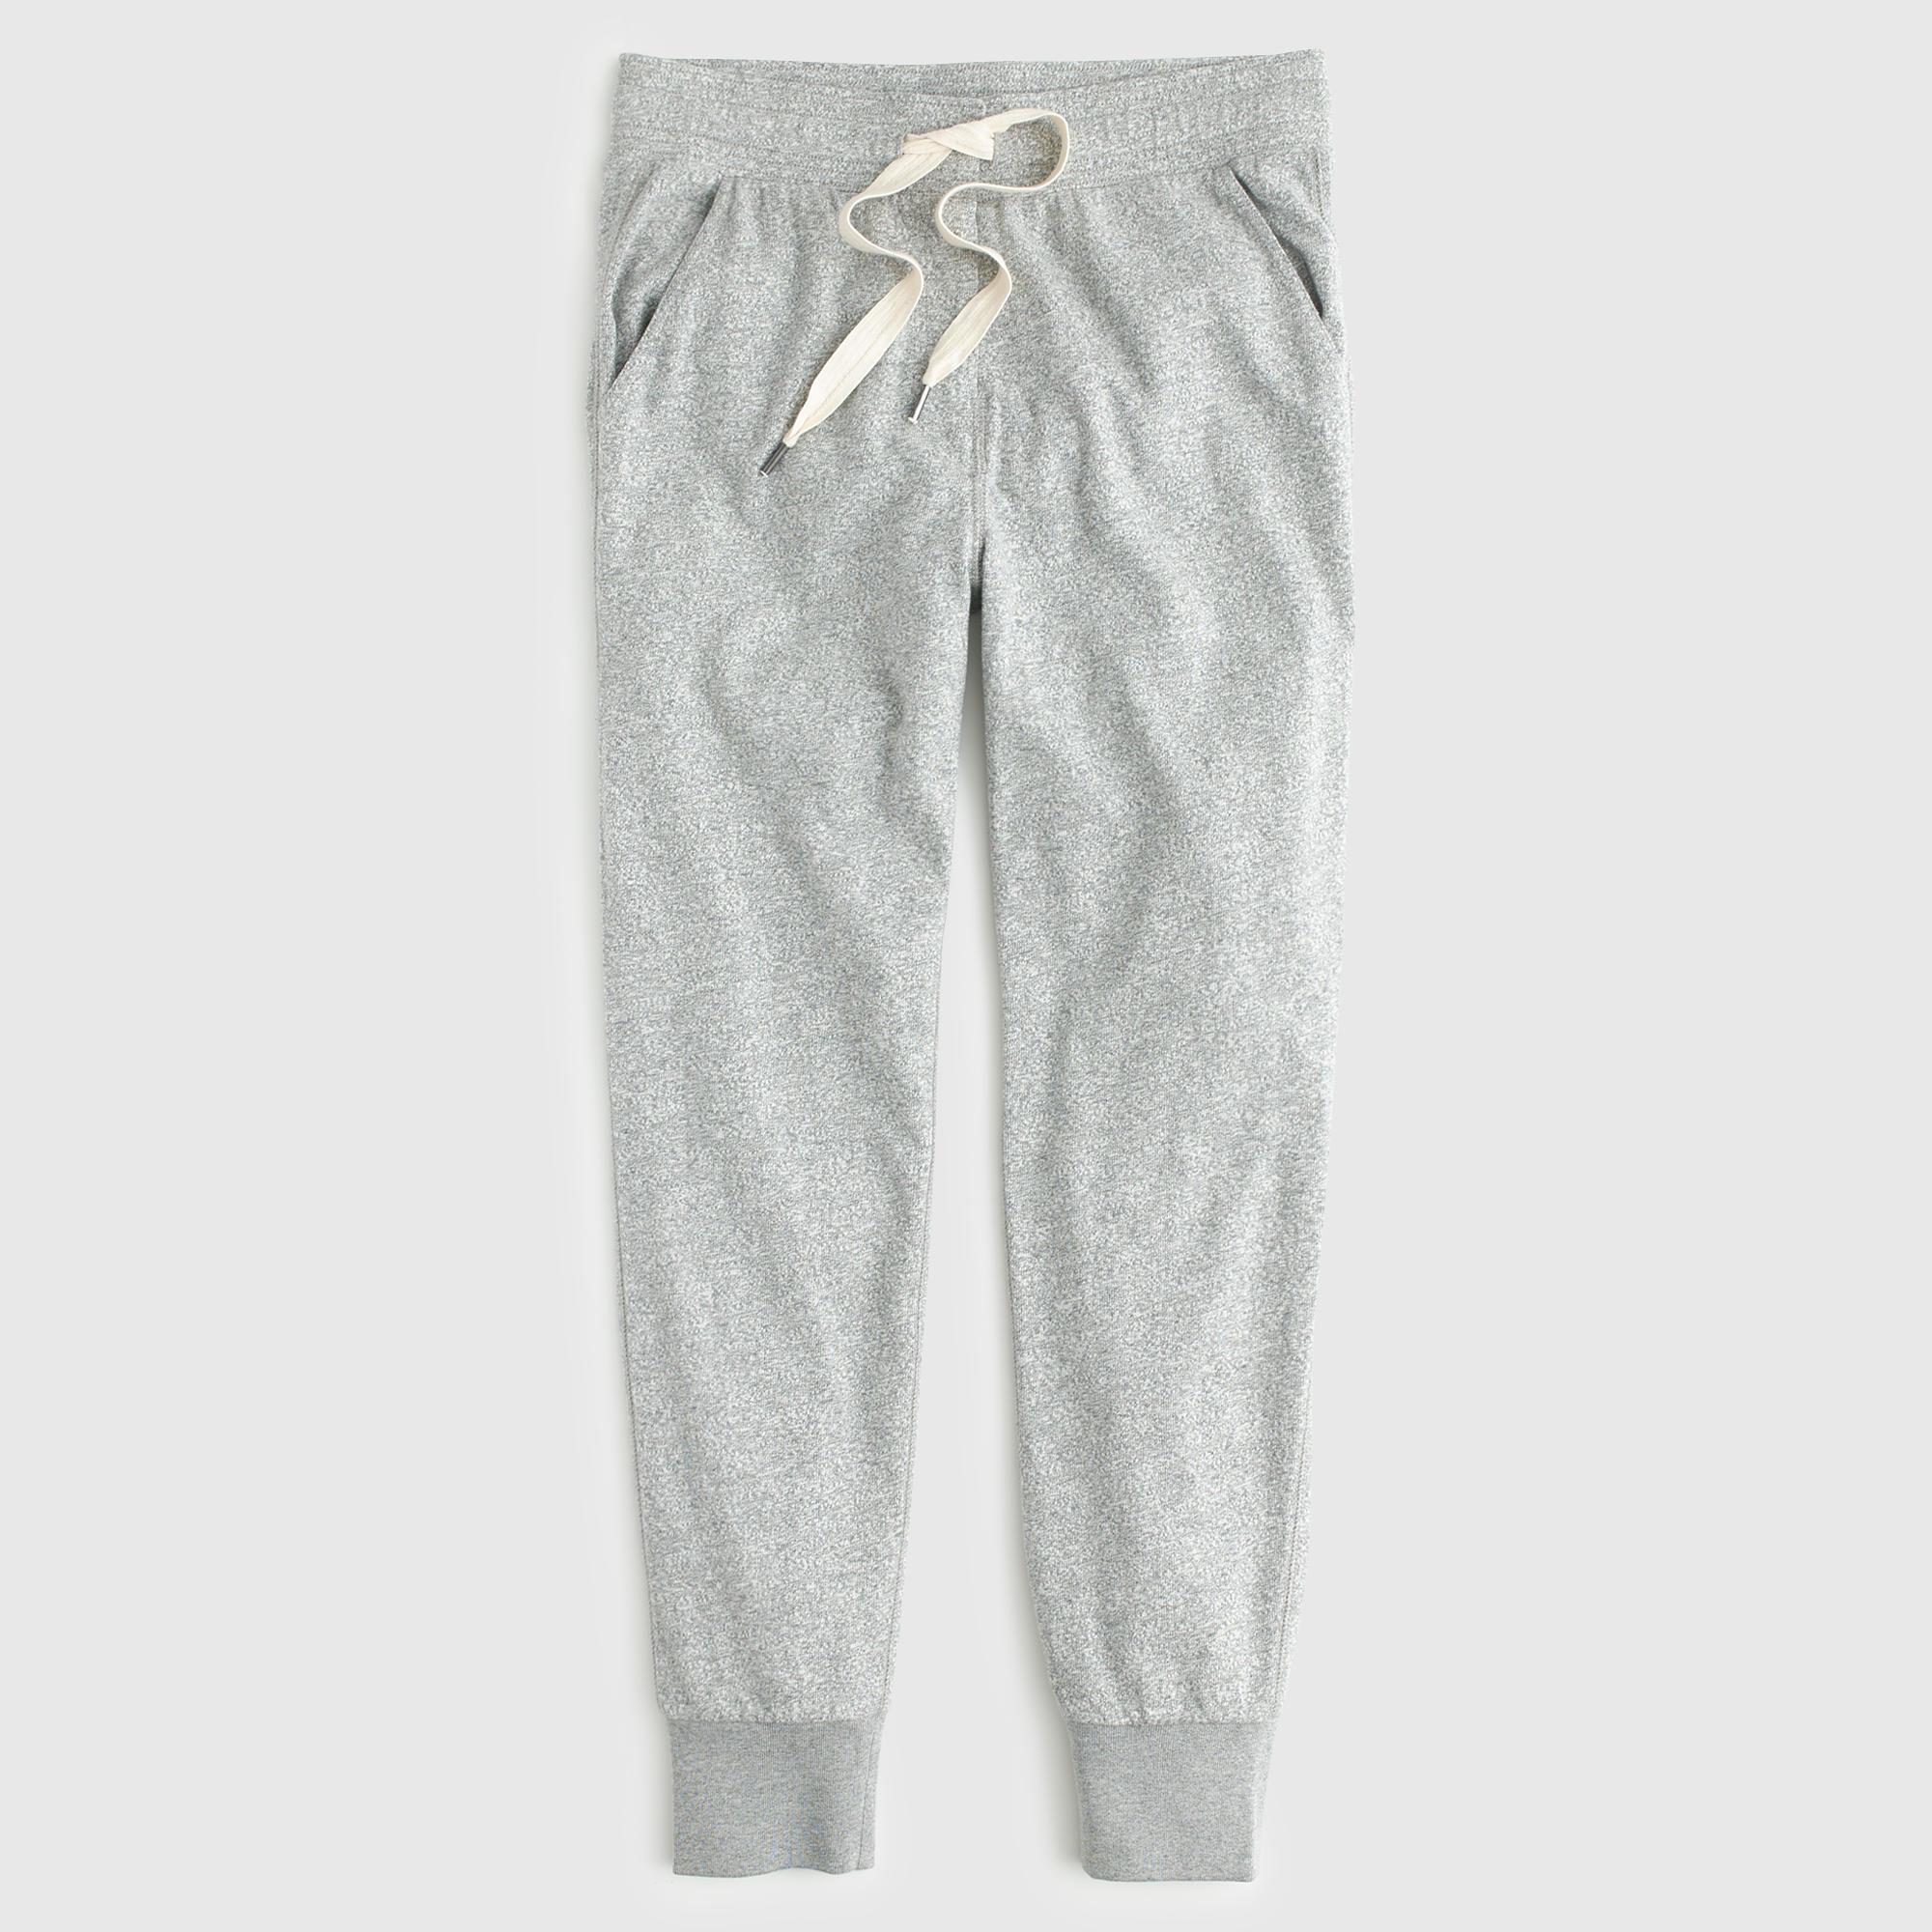 Lyst - J.Crew Skinny Trouser Sweatpant in Black